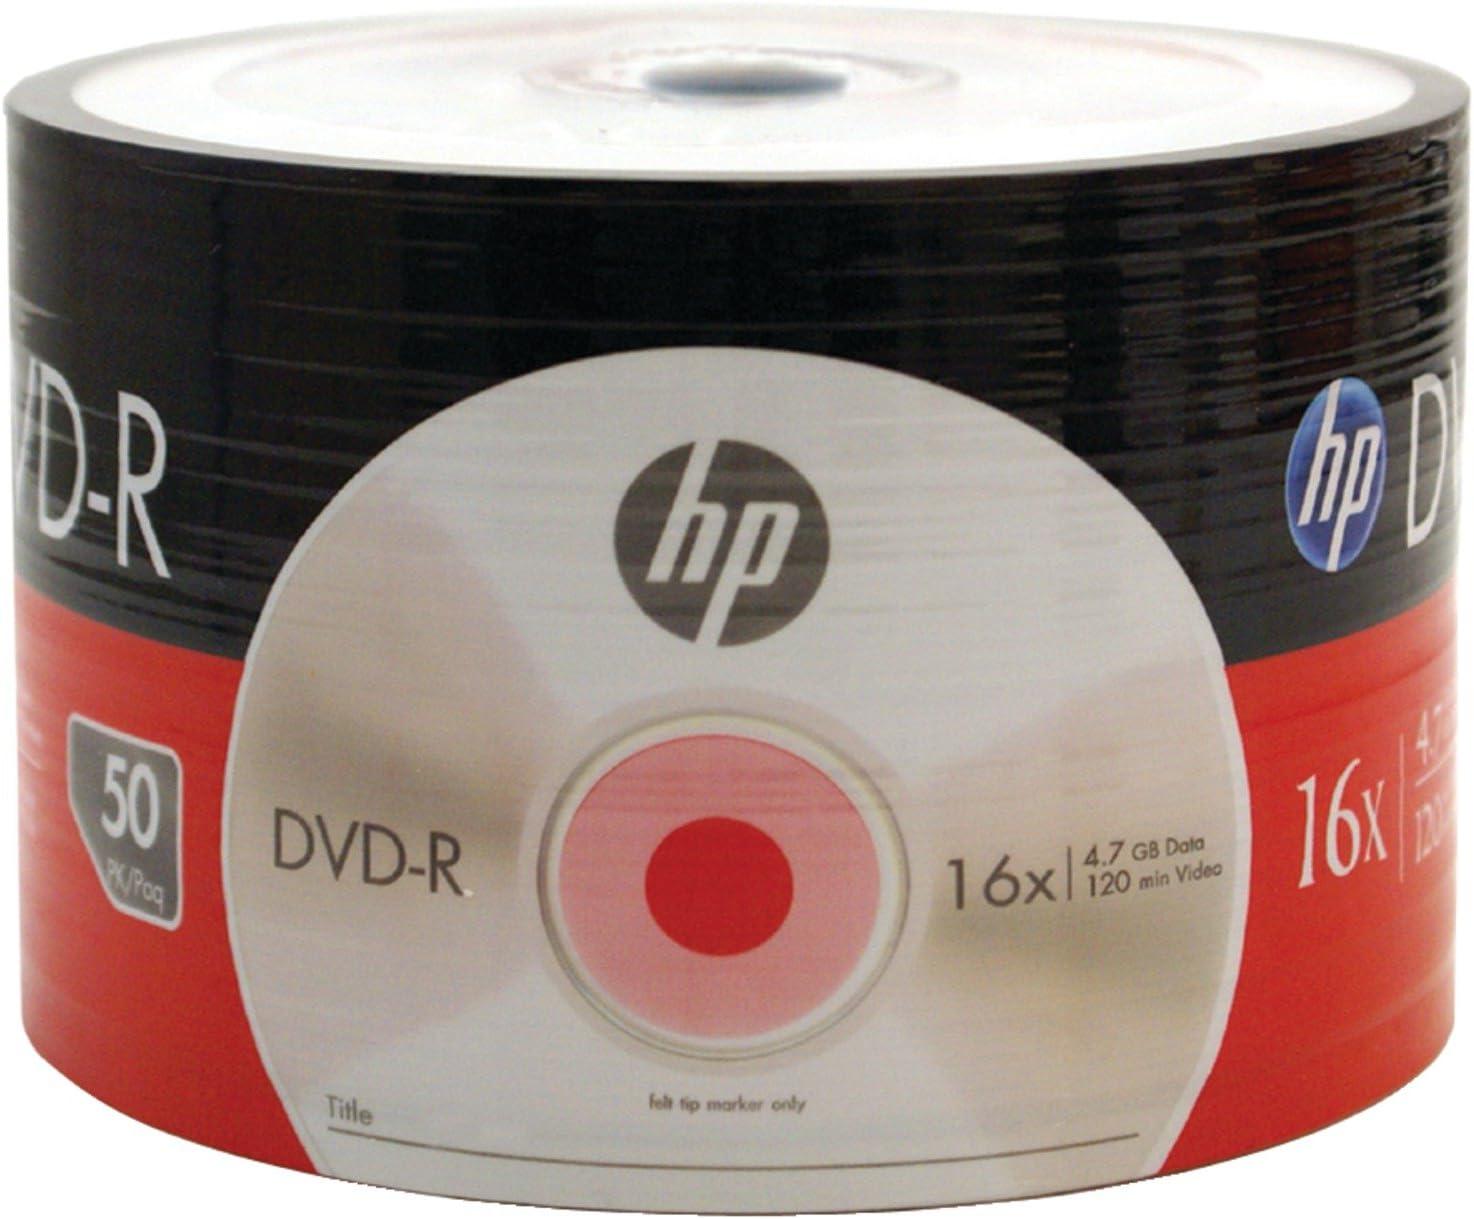 Hewlett Packard DM00070B Max 41% OFF Ranking TOP17 4.7GB Dvd-R 50-Pack 16x